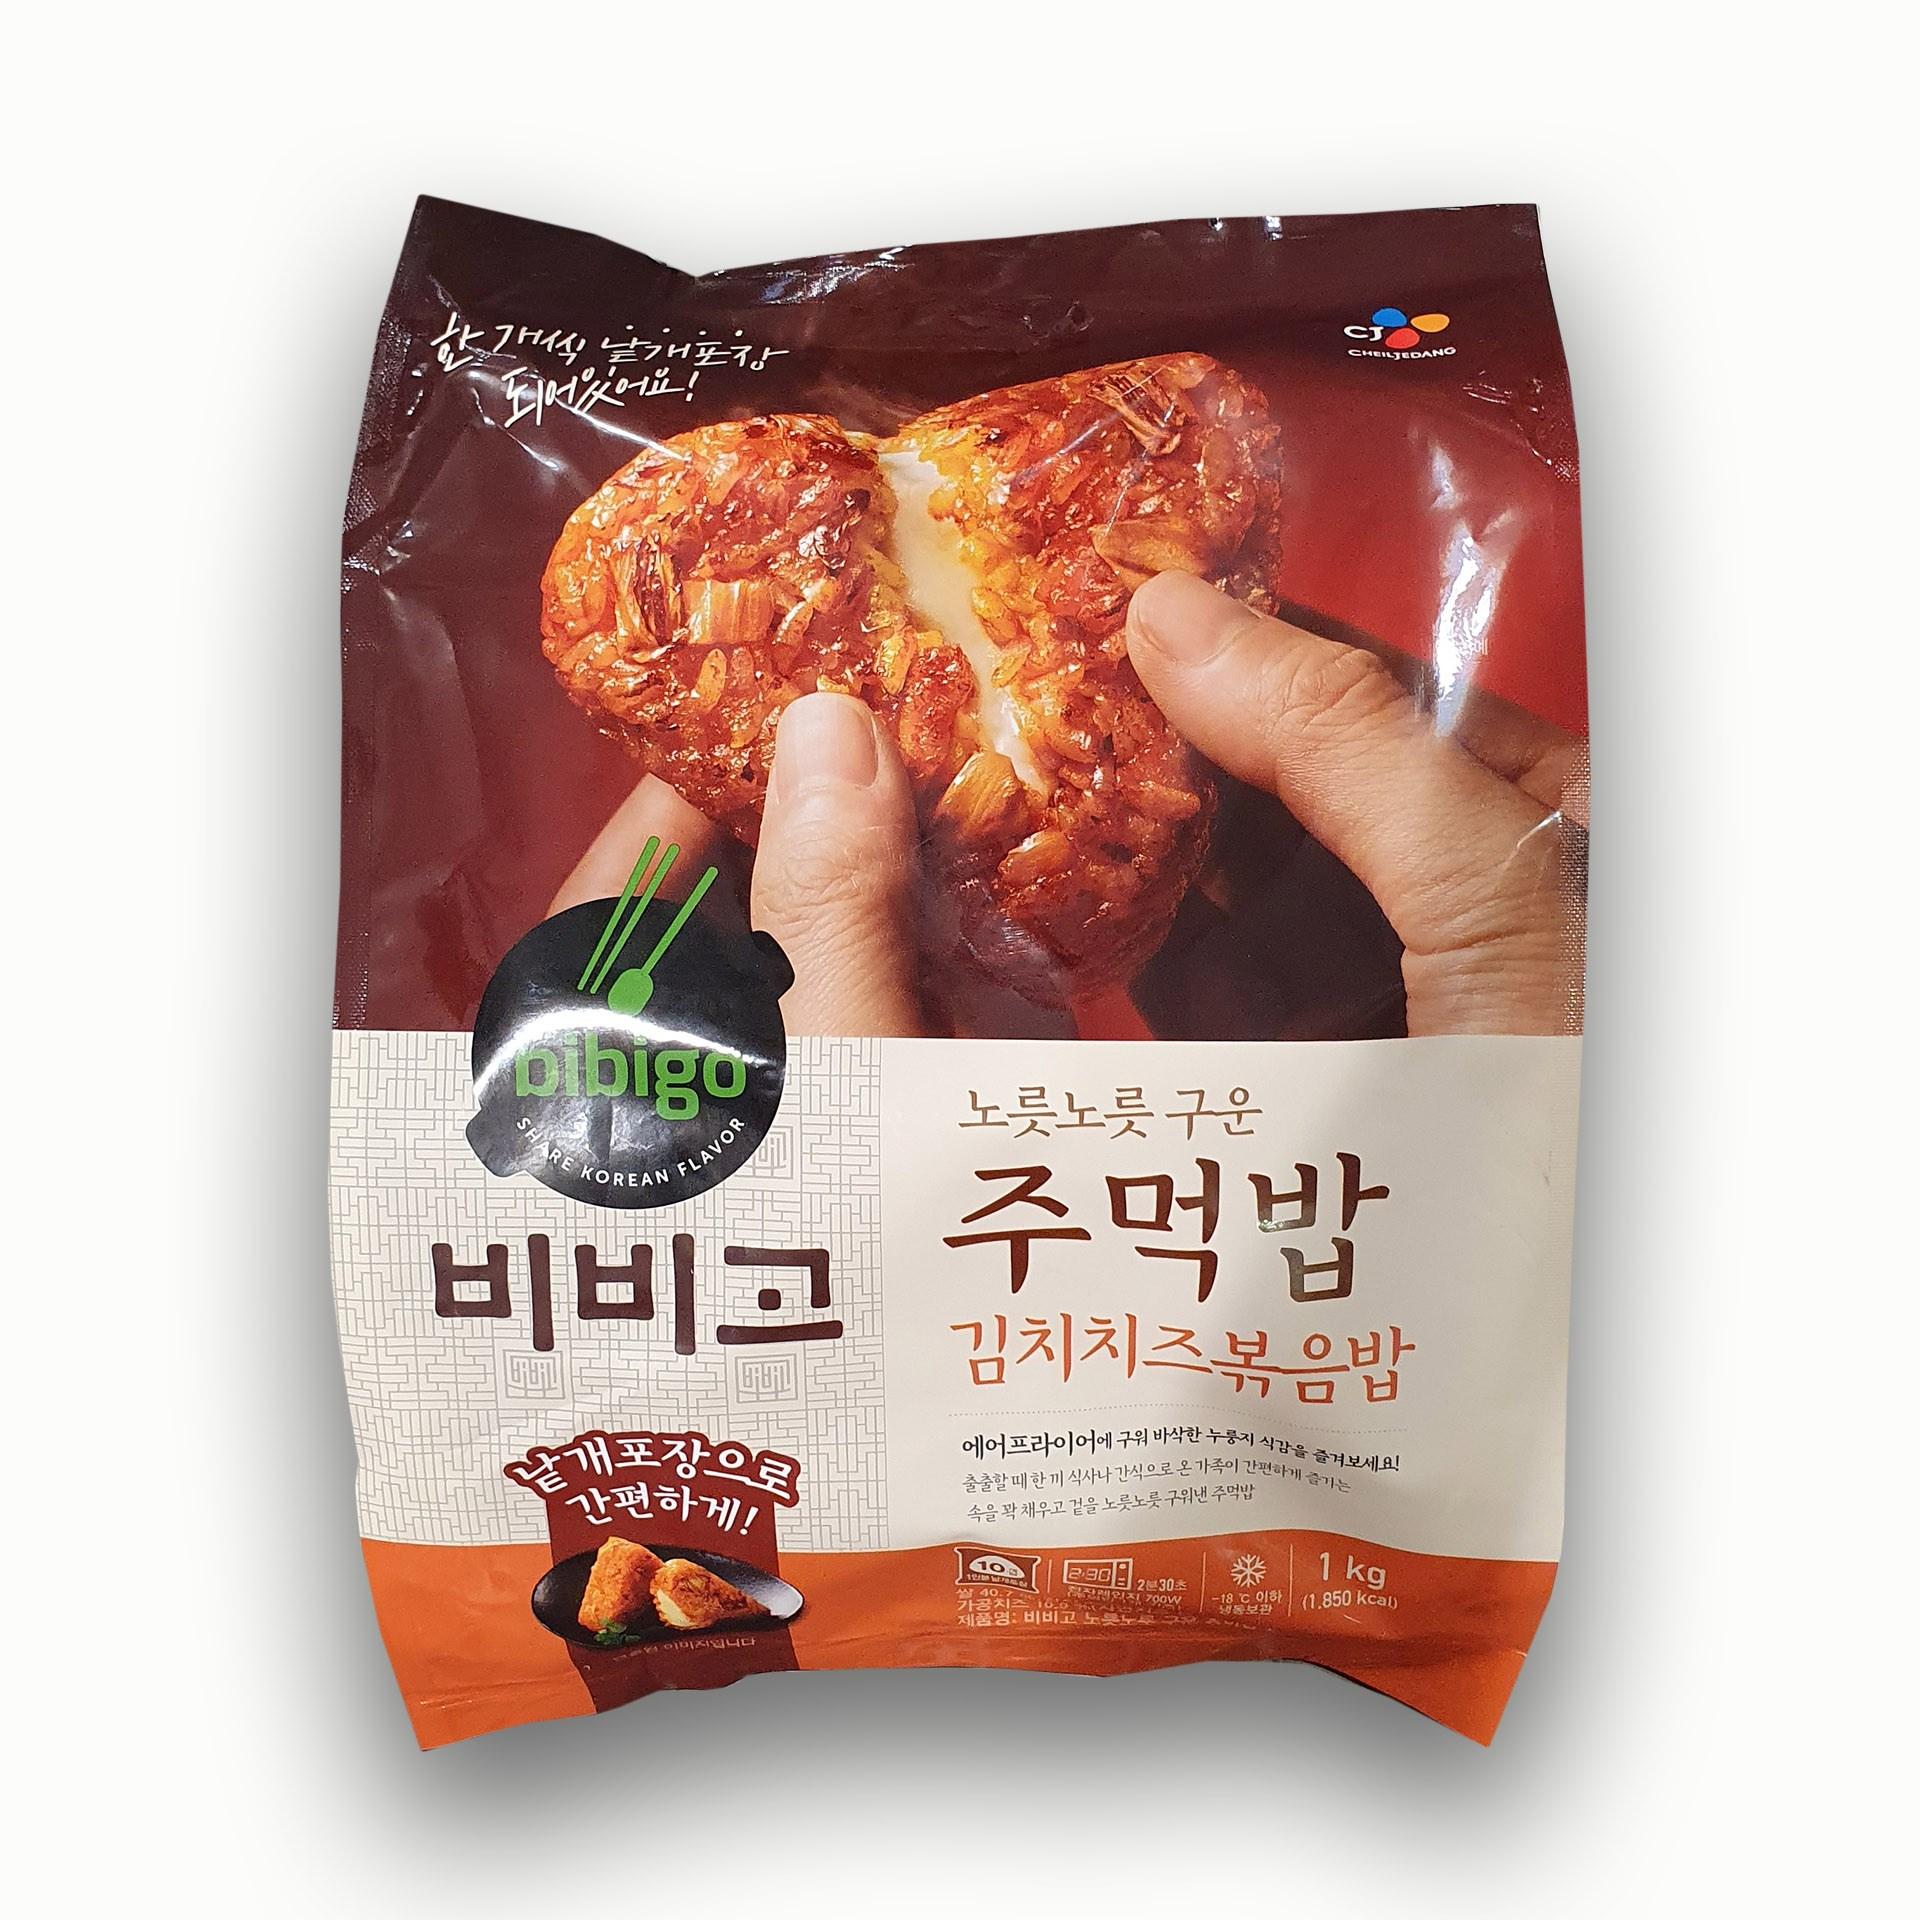 [아워홈마트] 코스트코 비비고 주먹밥 100g × 10개입 / 친환경 보냉박스 포장, 1개